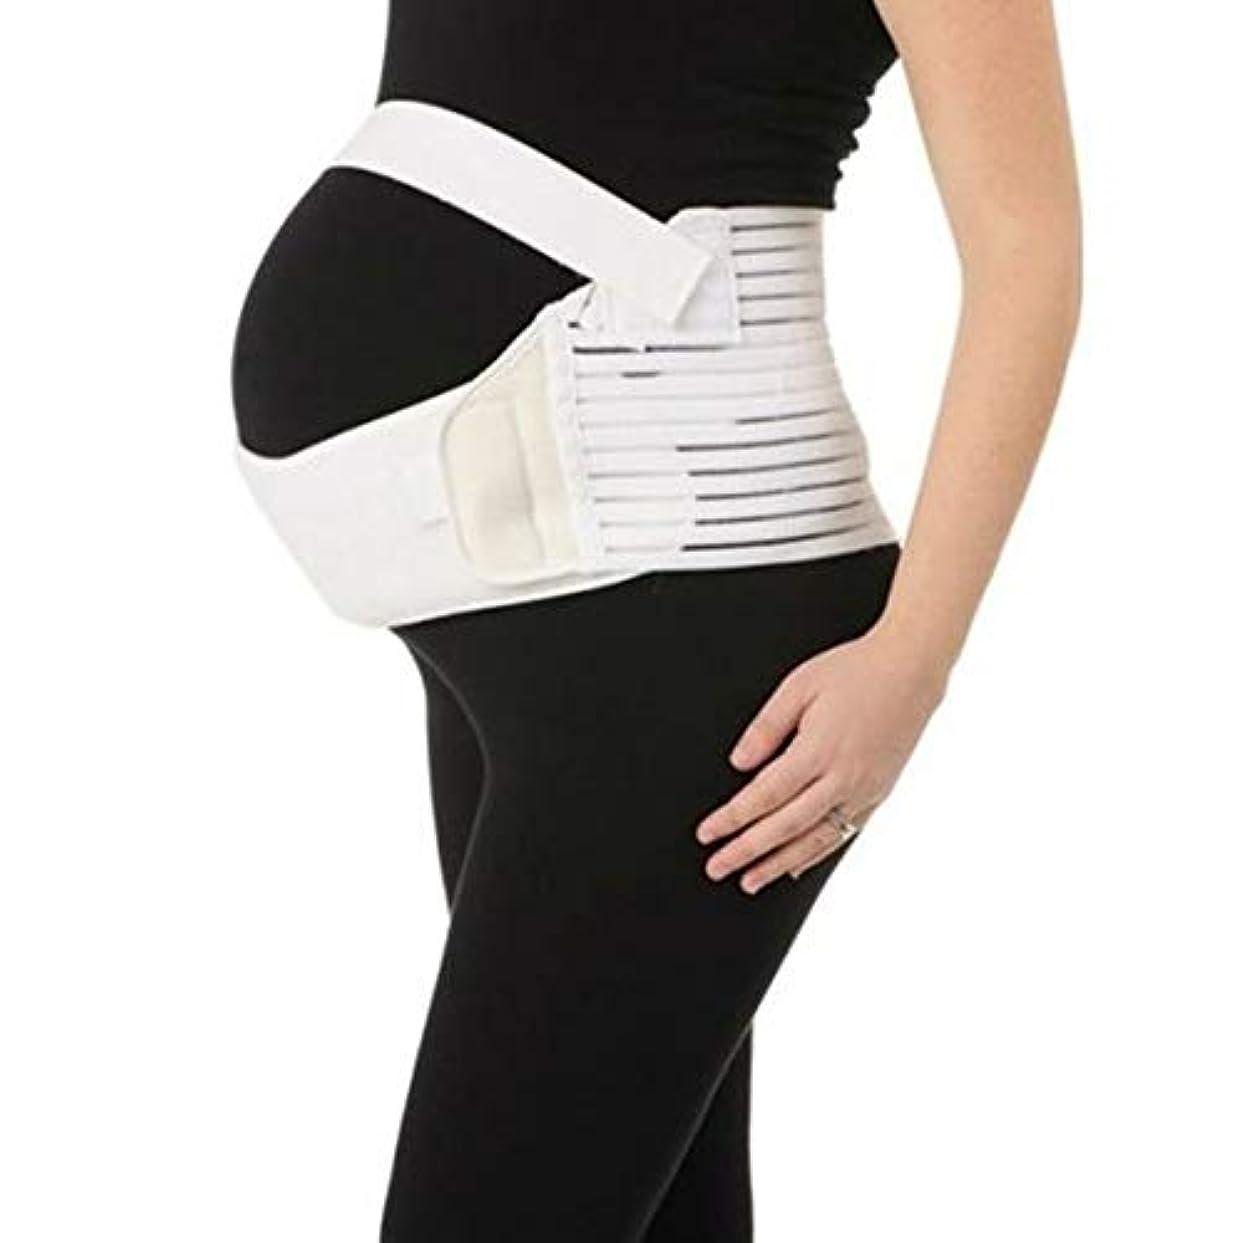 考古学ティーンエイジャー脇に通気性産科ベルト妊娠腹部サポート腹部バインダーガードル運動包帯産後の回復形状ウェア - ホワイトM